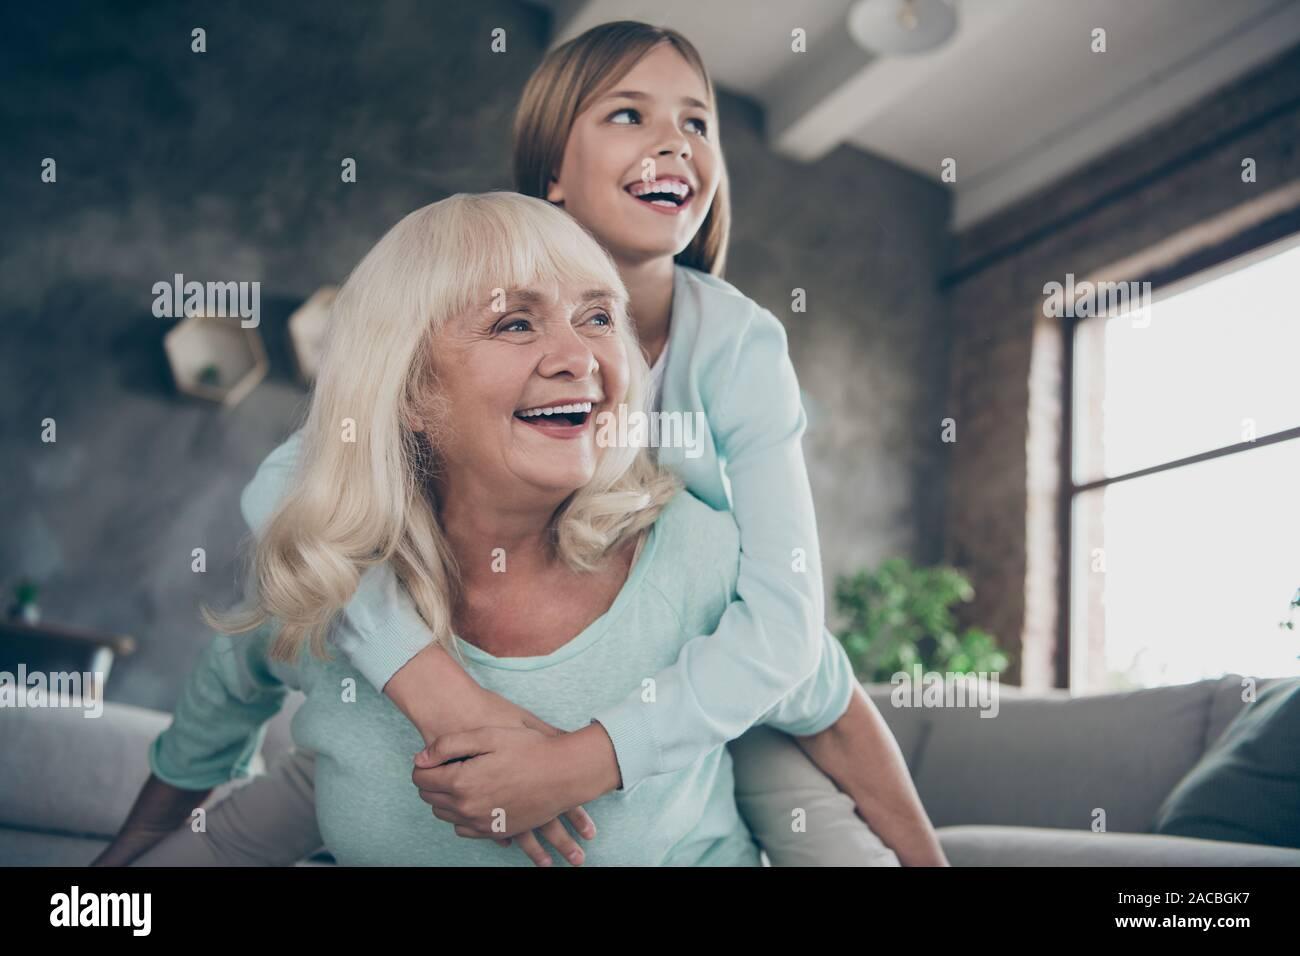 Low Angle View Foto von zwei beste Freunde Menschen niedlich alter Oma kleinen Enkelkind Mädchen Hug piggyback Spielen lustiges Spiel verbringen Wochenende zusammen Haus Stockfoto